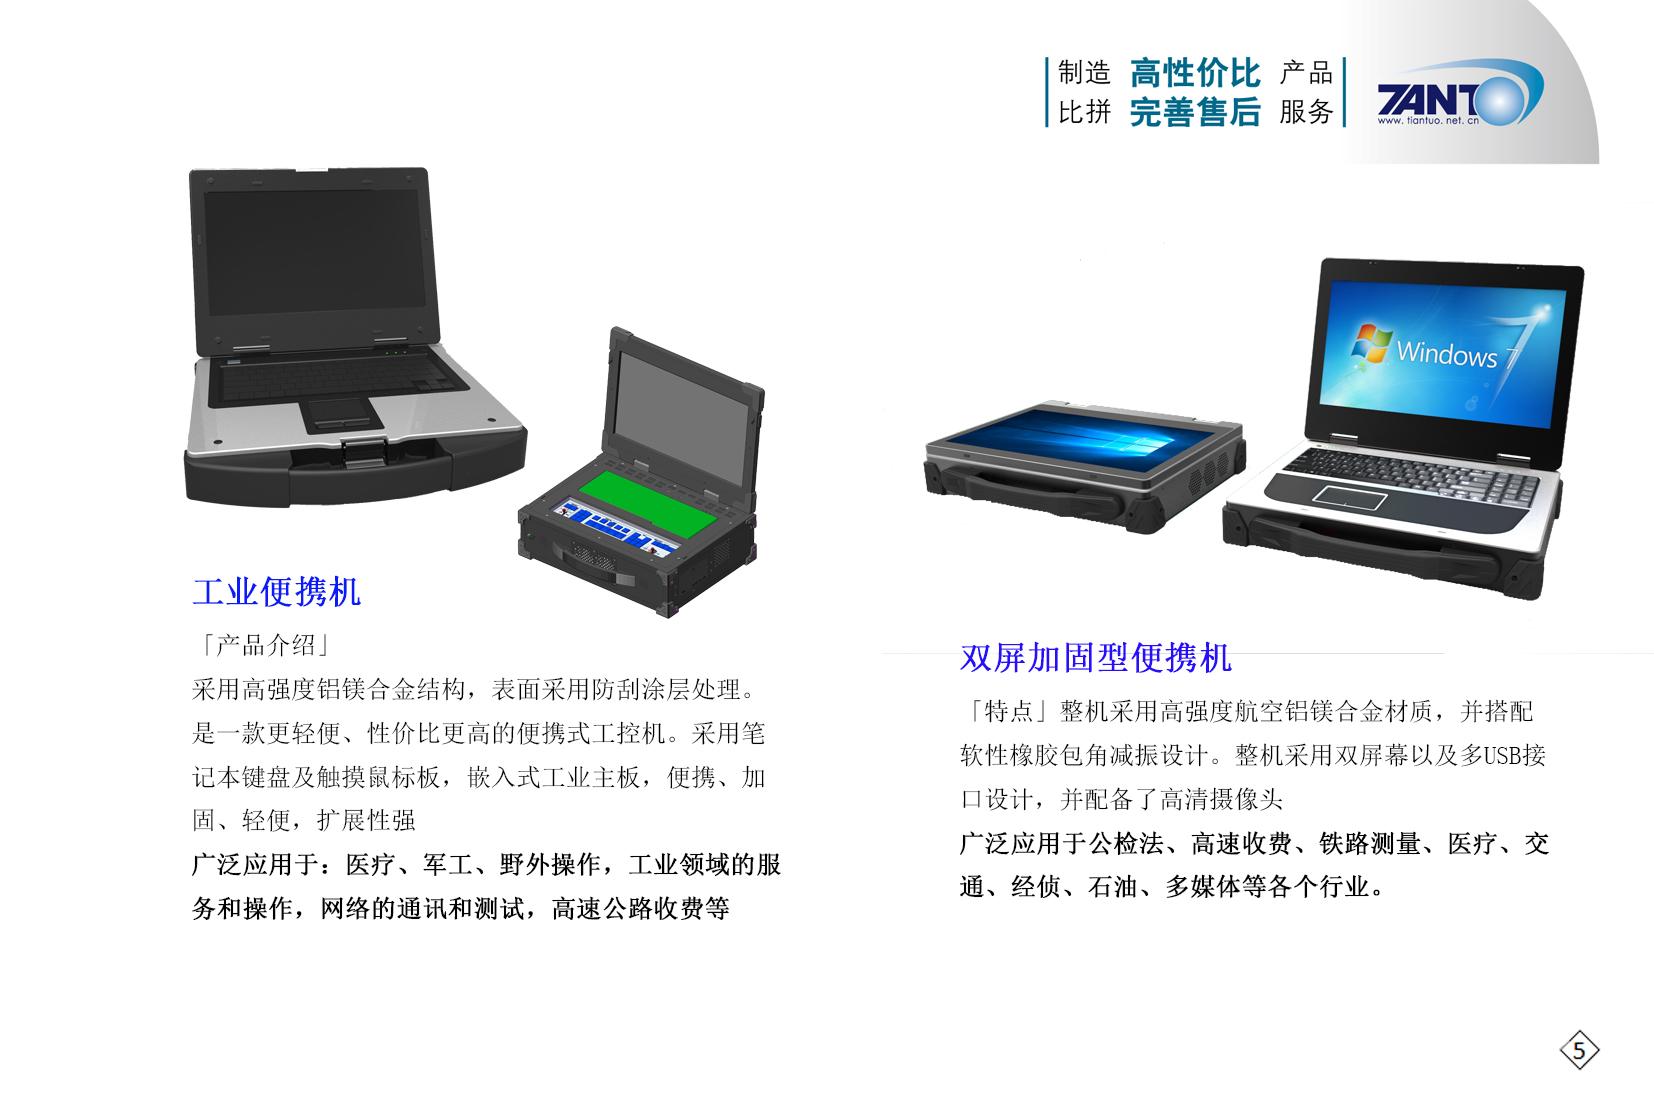 天拓BXJ-2516    2.5U高度便携式一体化计算机